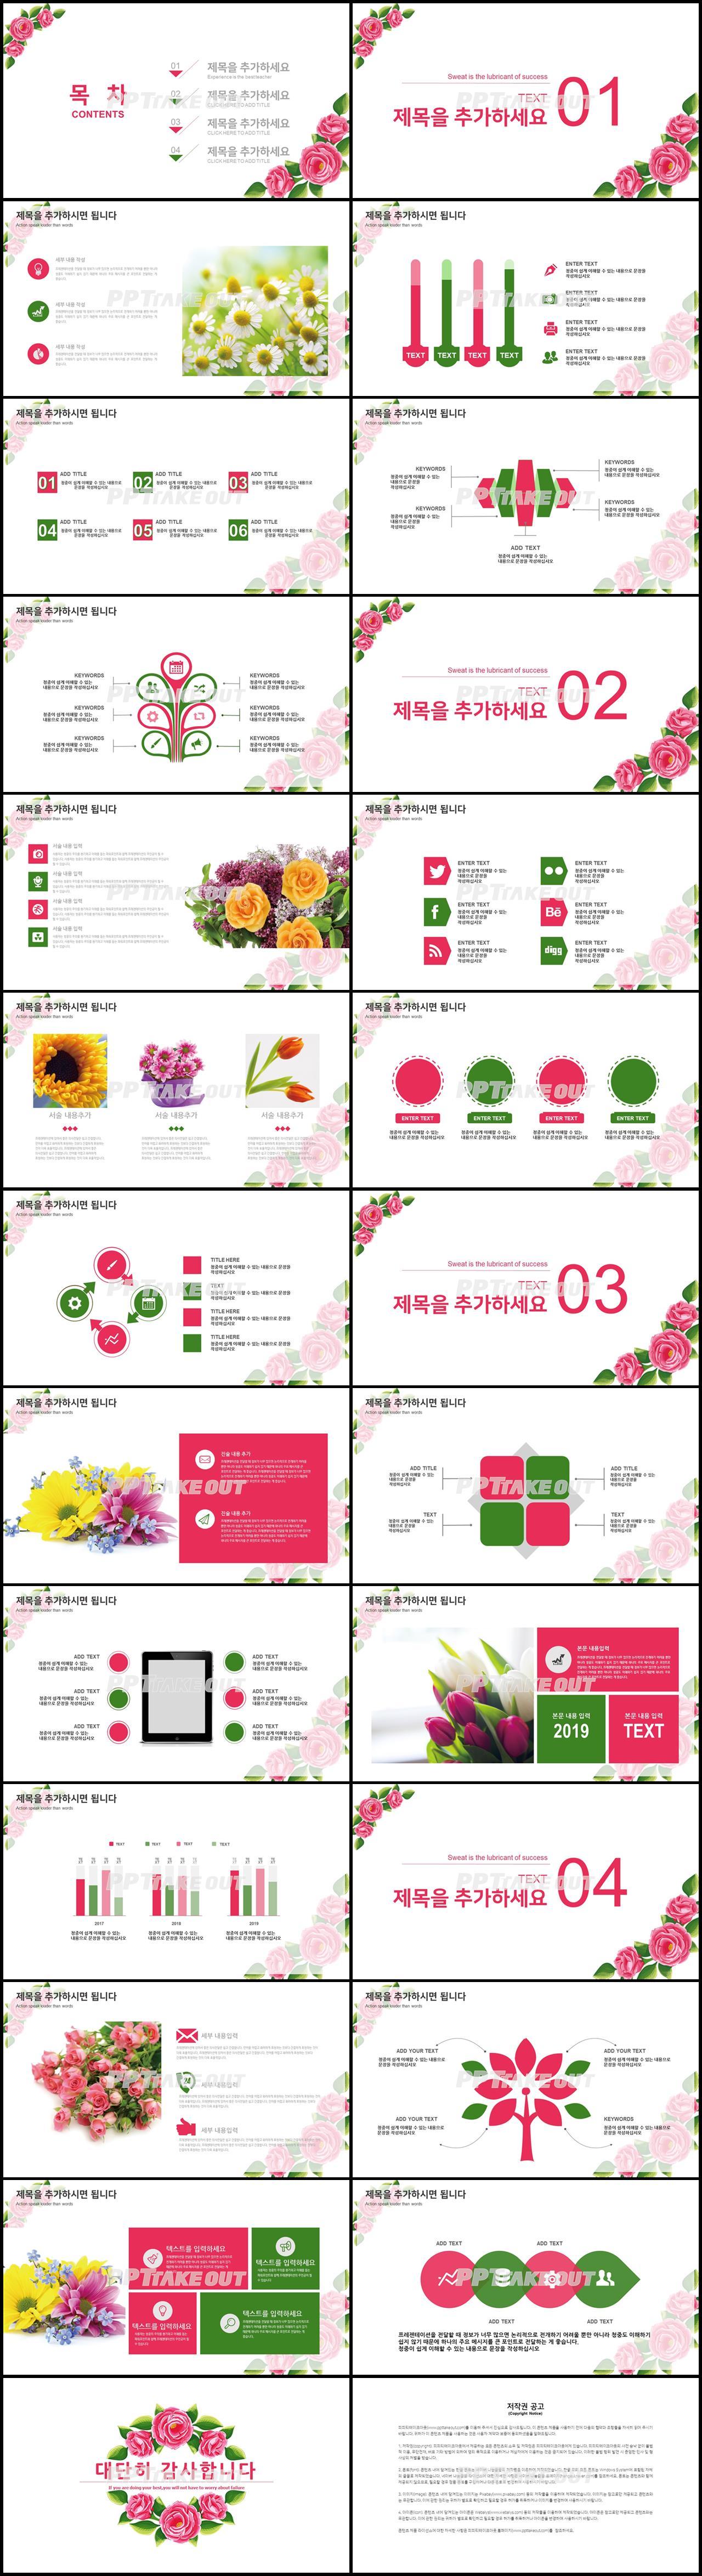 꽃과 동식물 주제 홍색 단아한 고퀄리티 PPT테마 제작 상세보기